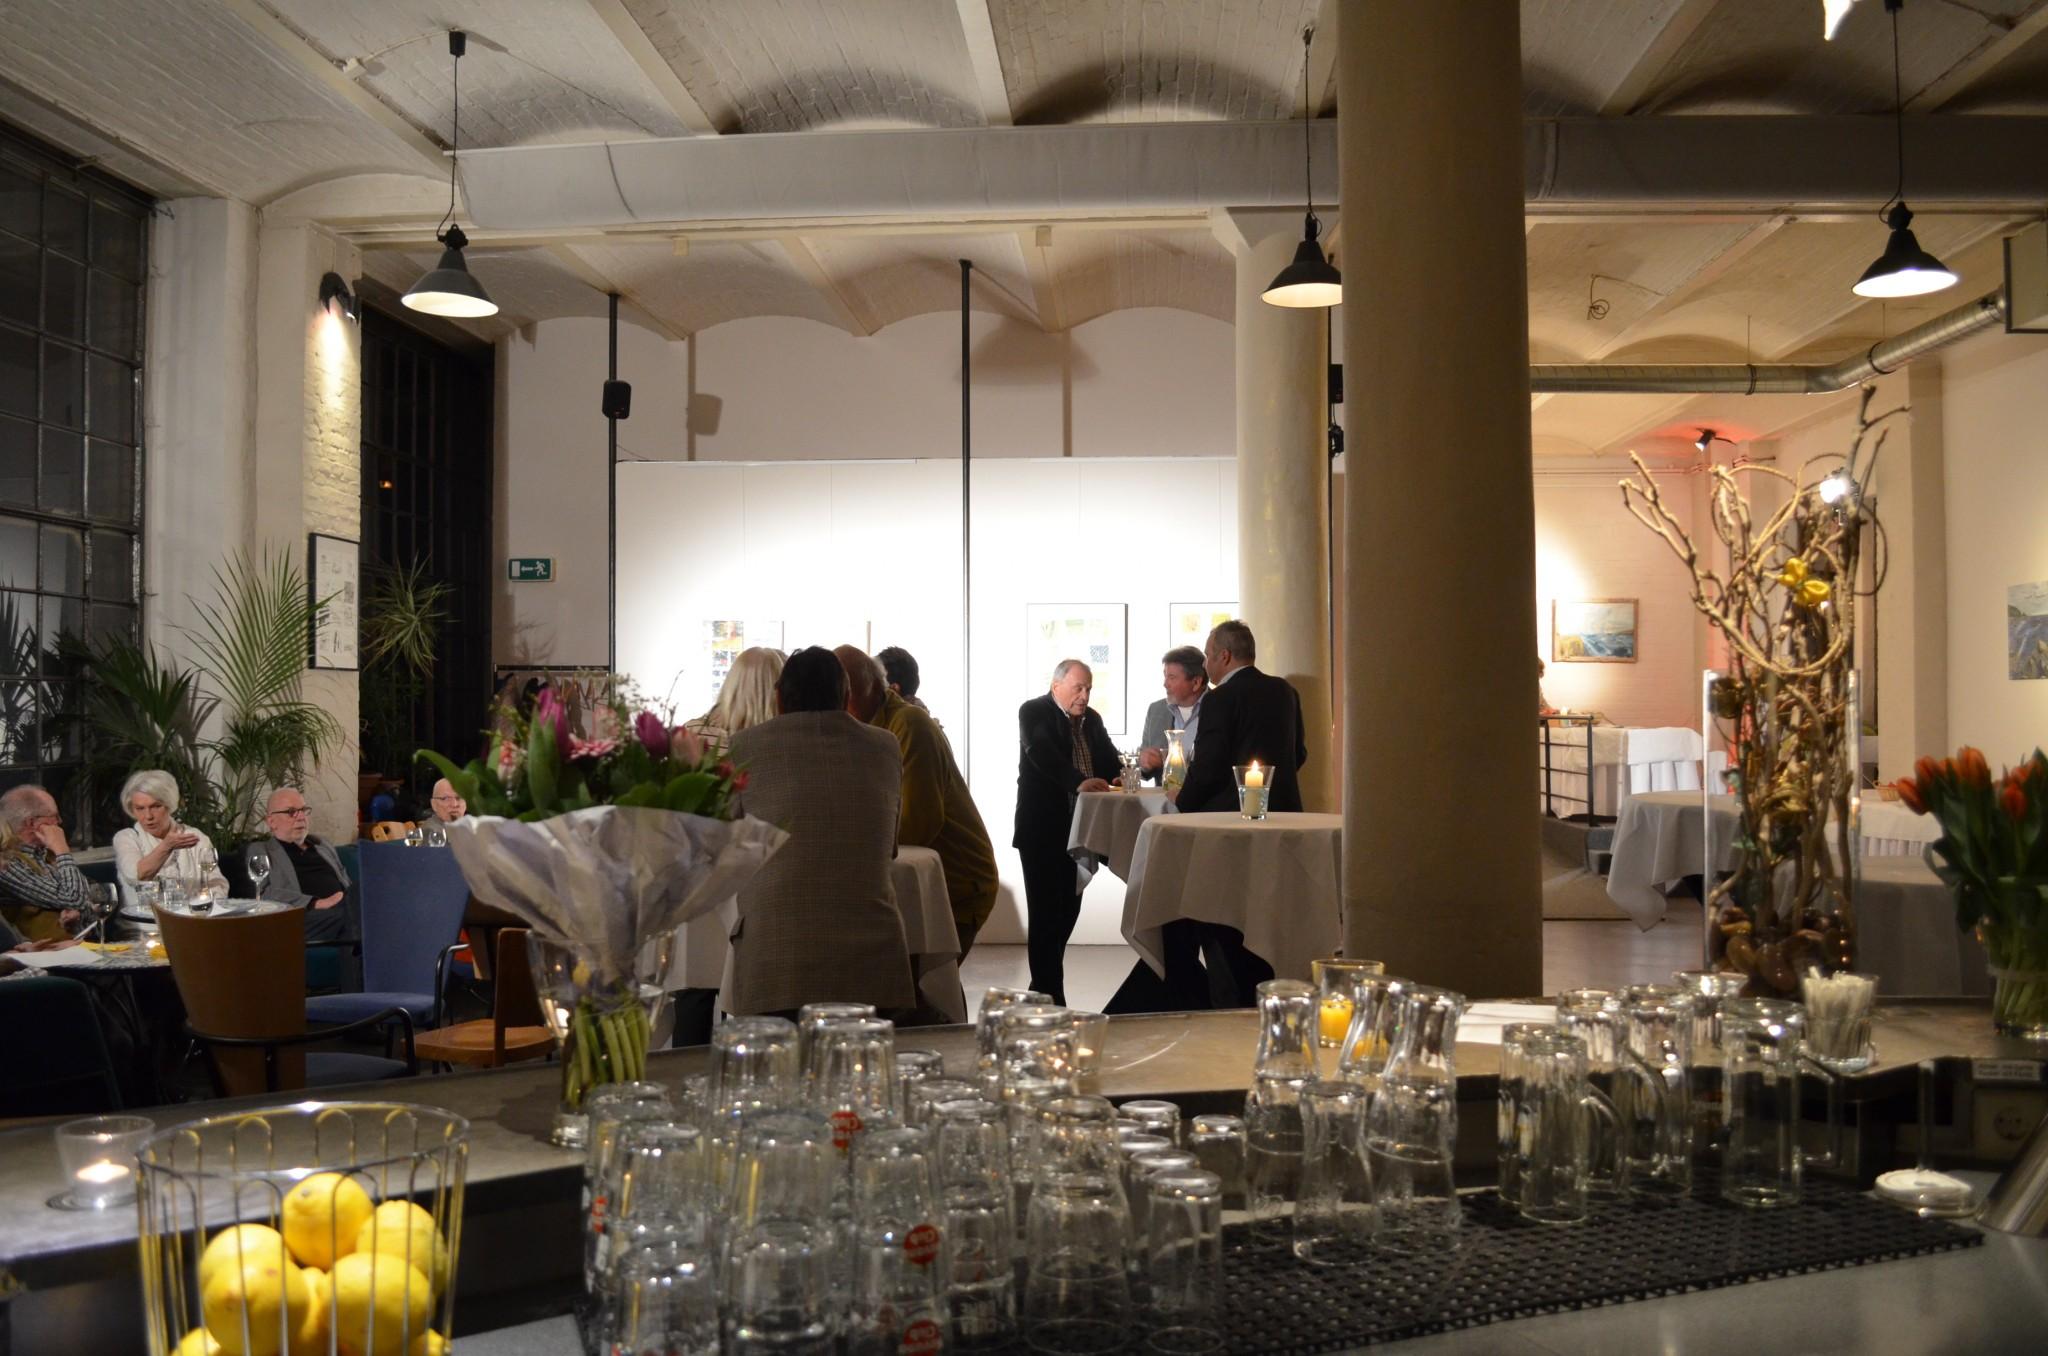 eventlocation mit industrie loft charakter fabrik flair restaurantbereich partyraum berlin. Black Bedroom Furniture Sets. Home Design Ideas